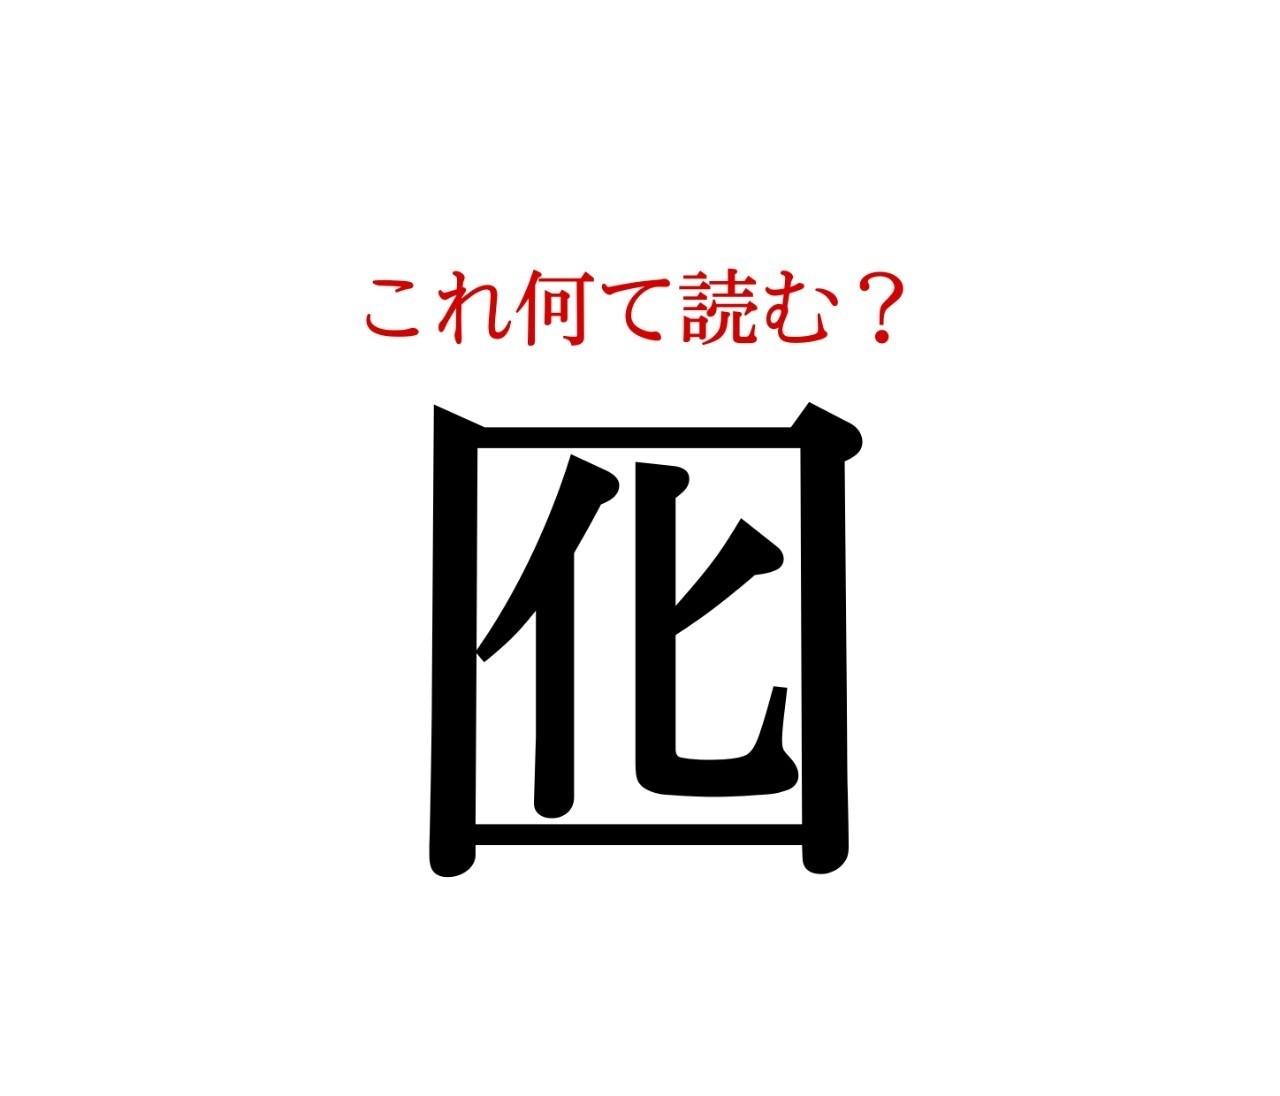 「囮」:この漢字、自信を持って読めますか?【働く大人の漢字クイズvol.87】